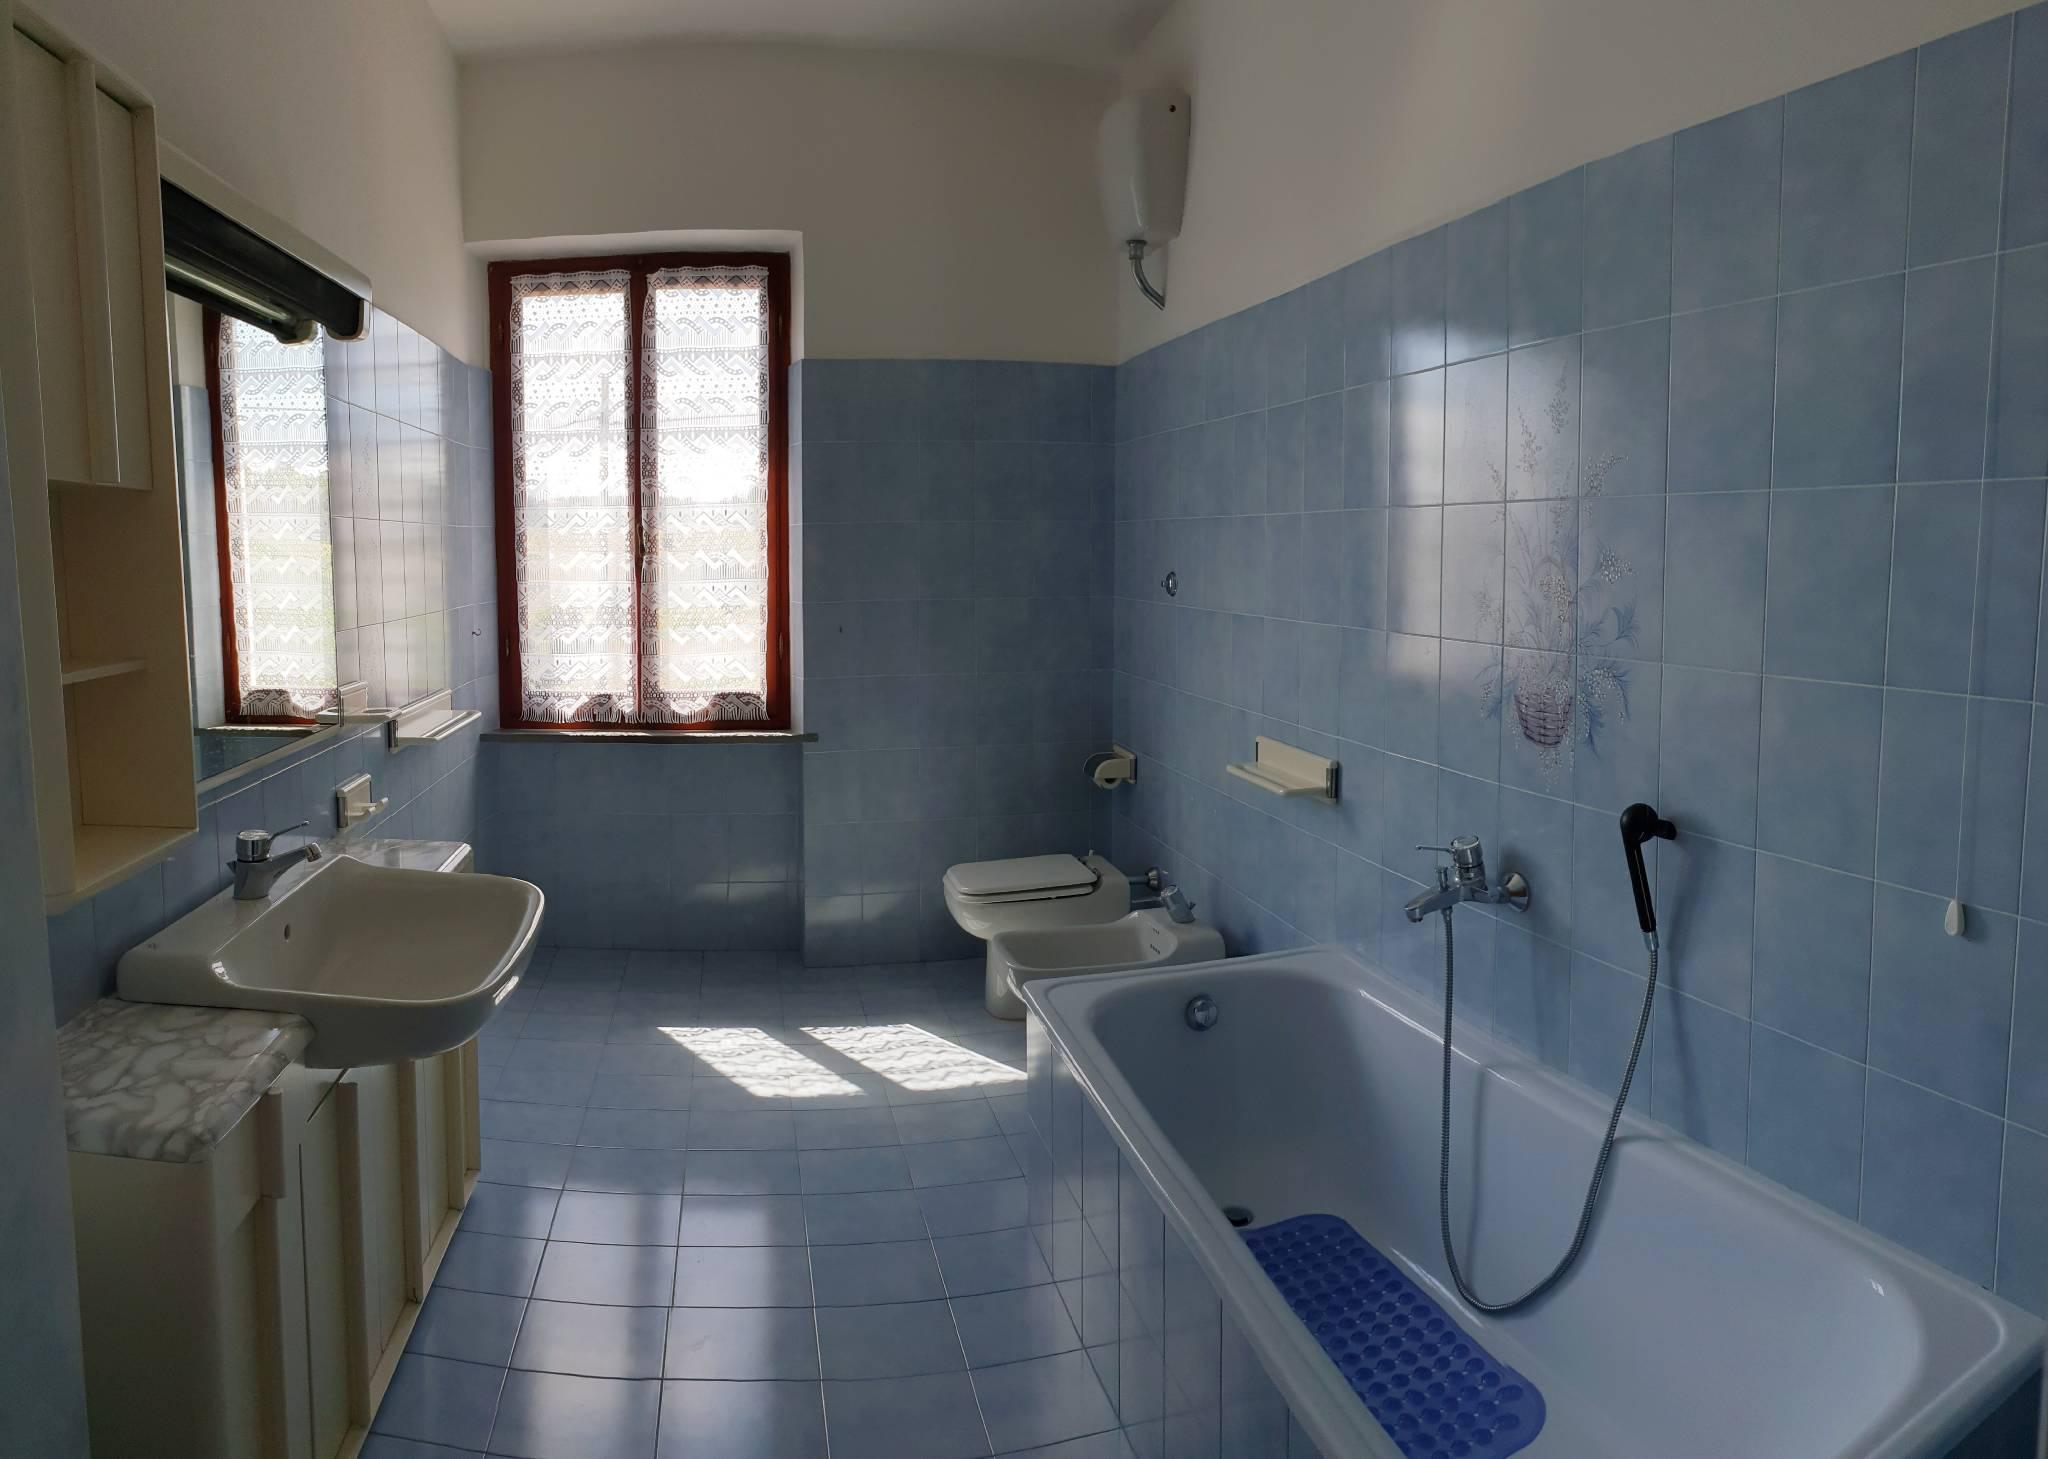 Bad mit WC, Bidet, Wanne oder Dusche